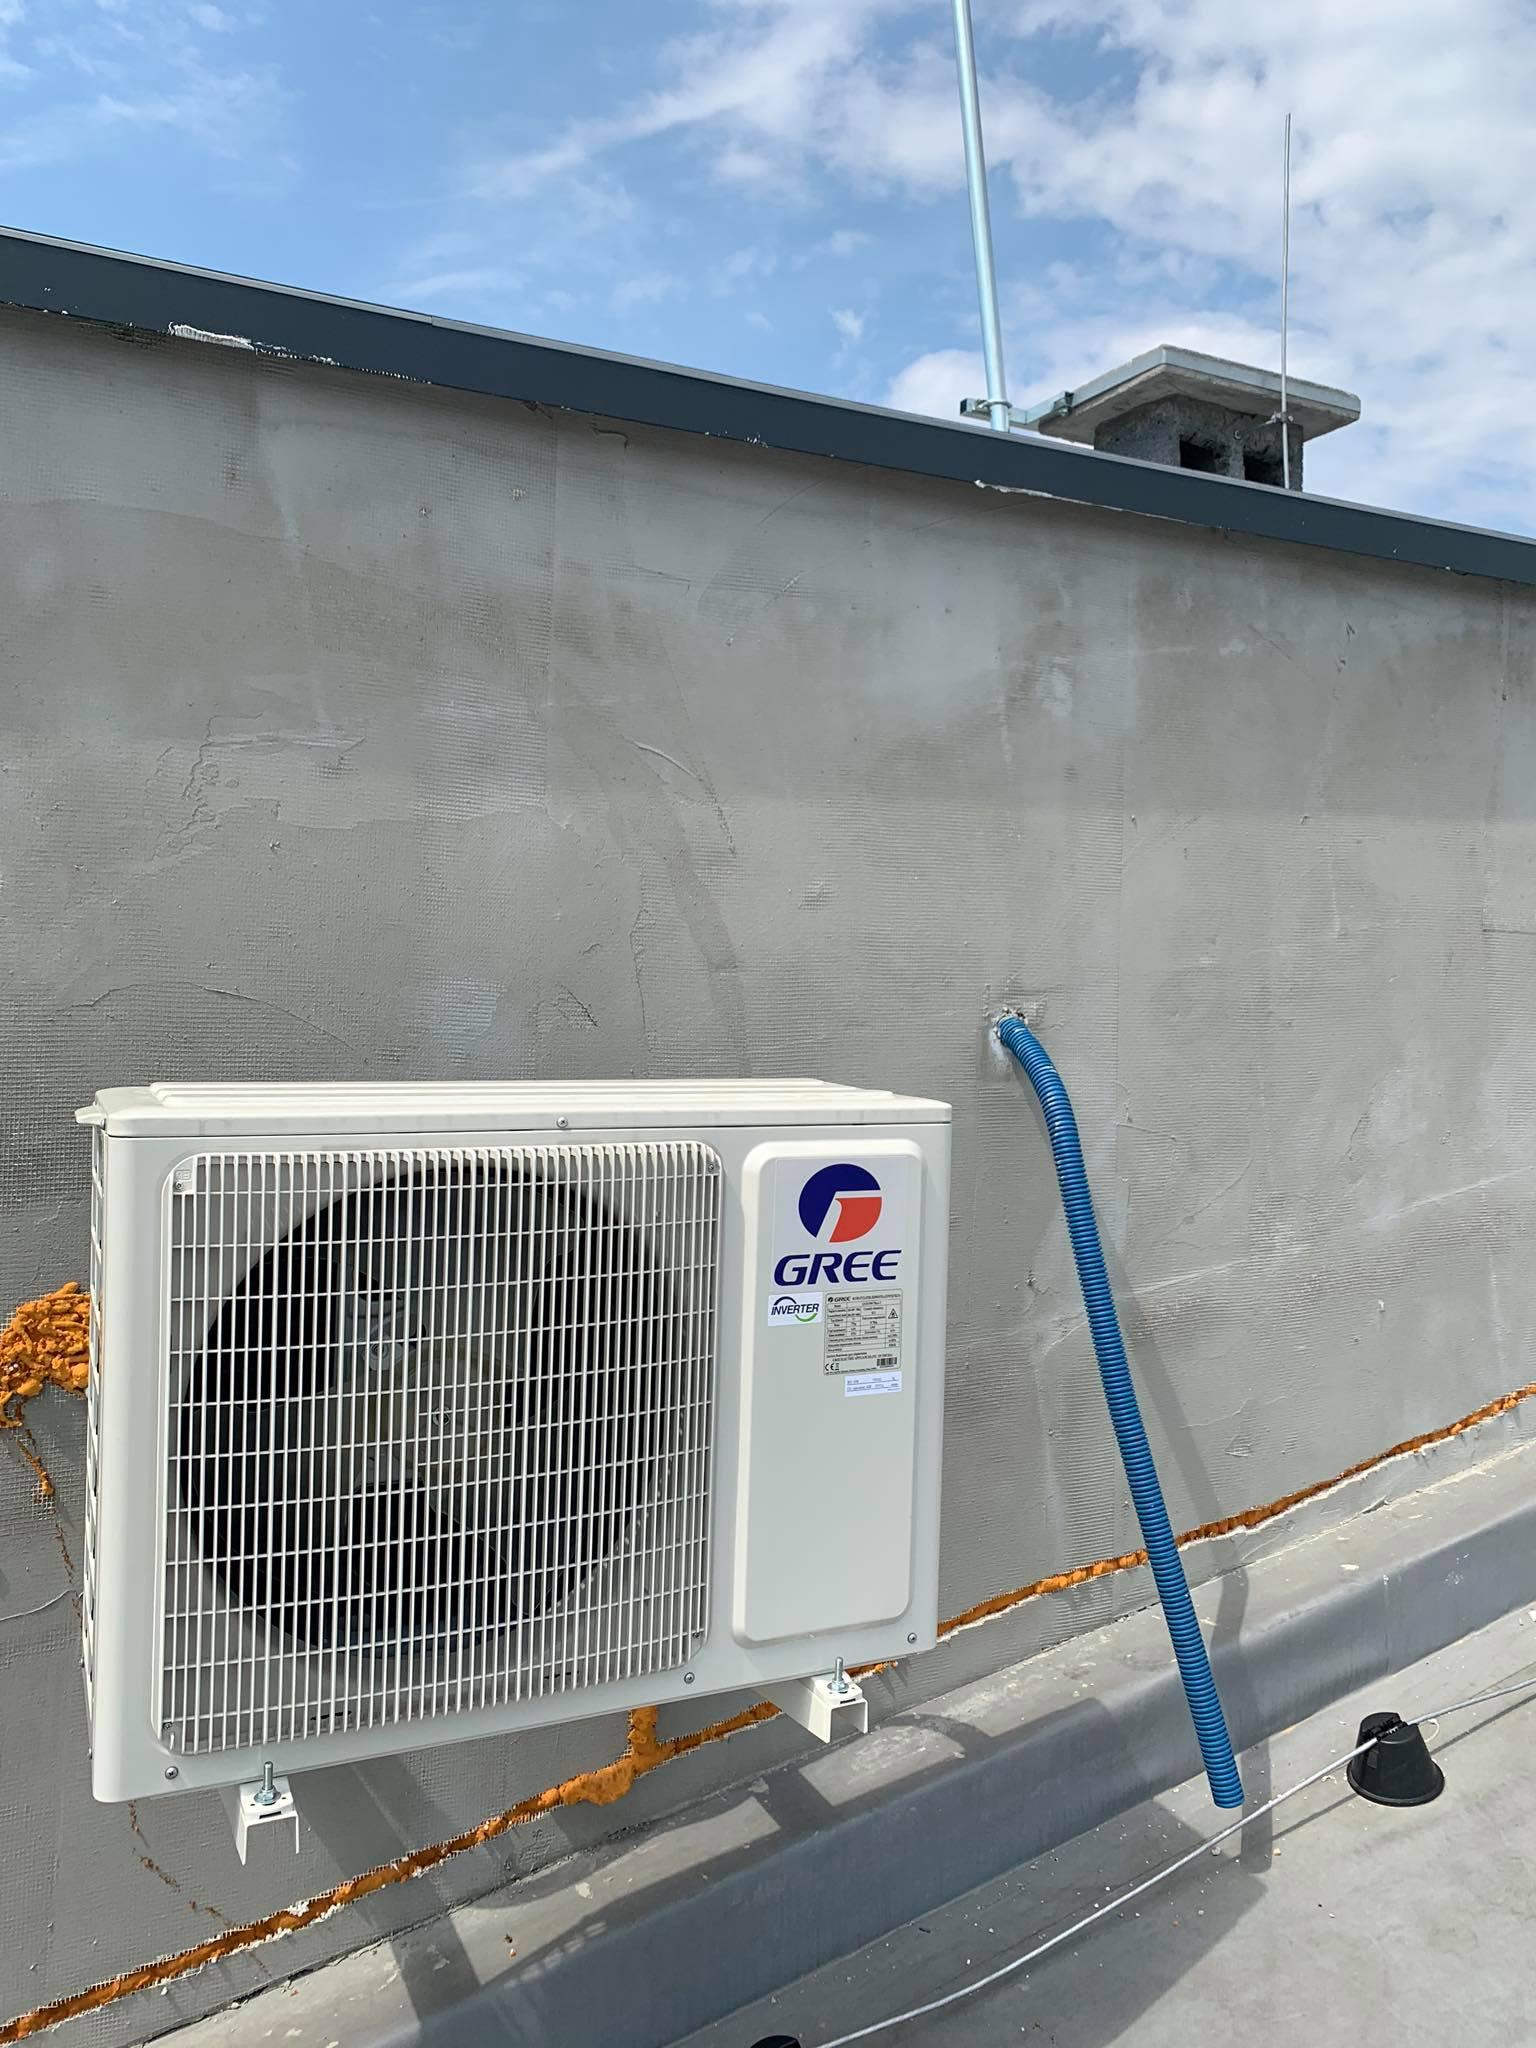 realizacja montażu klimatyzacji Wadowice 29 07 2020